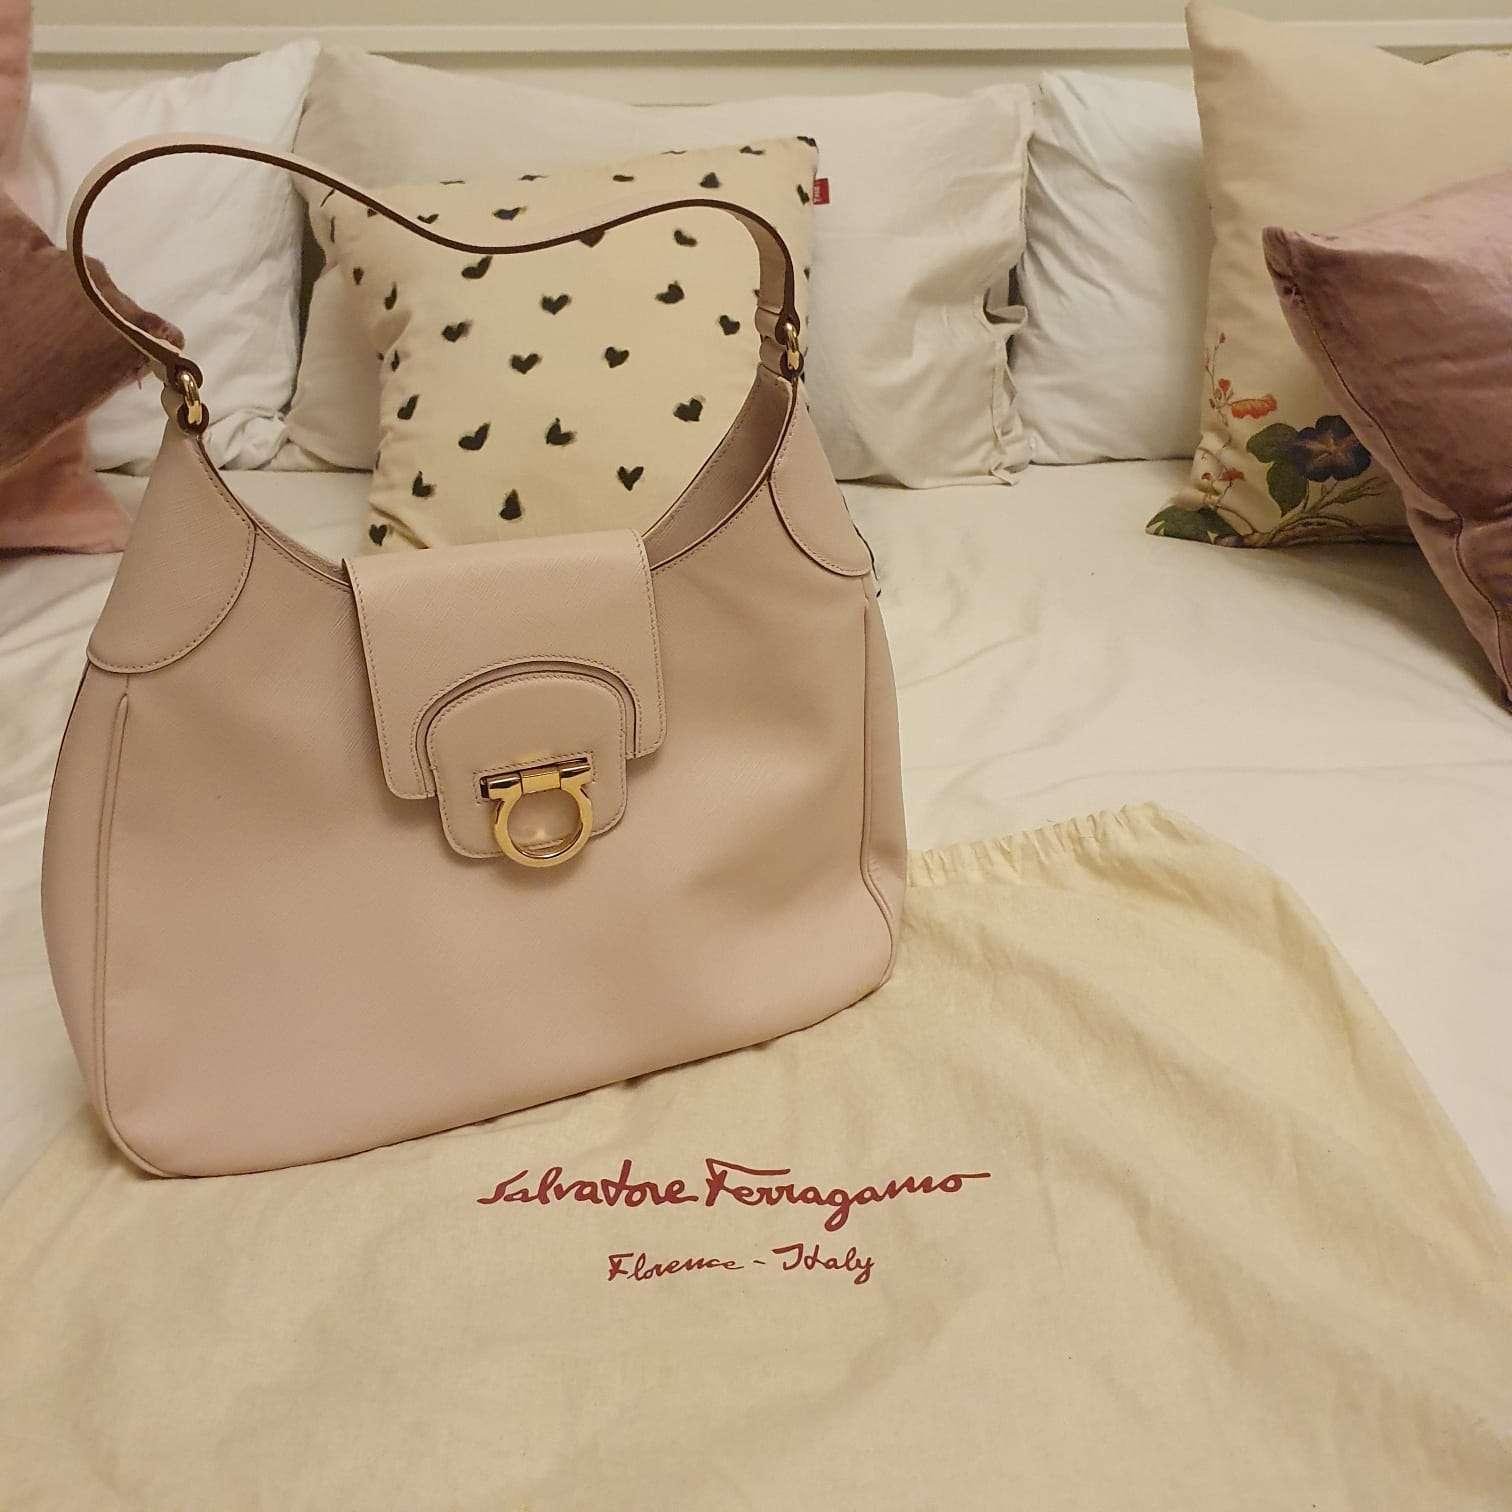 Salvadore Ferragamo handbag